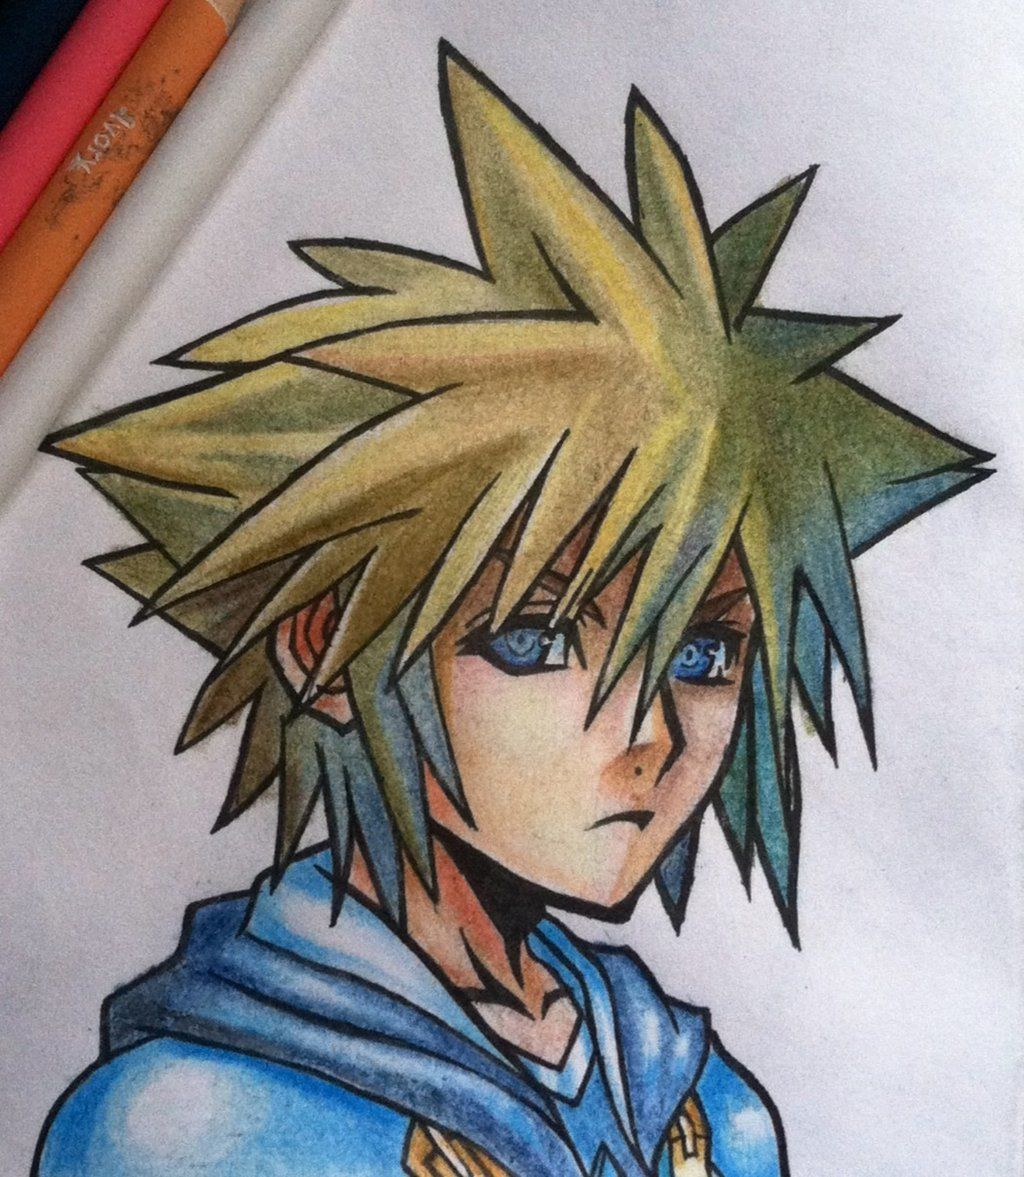 Sora Fan Art